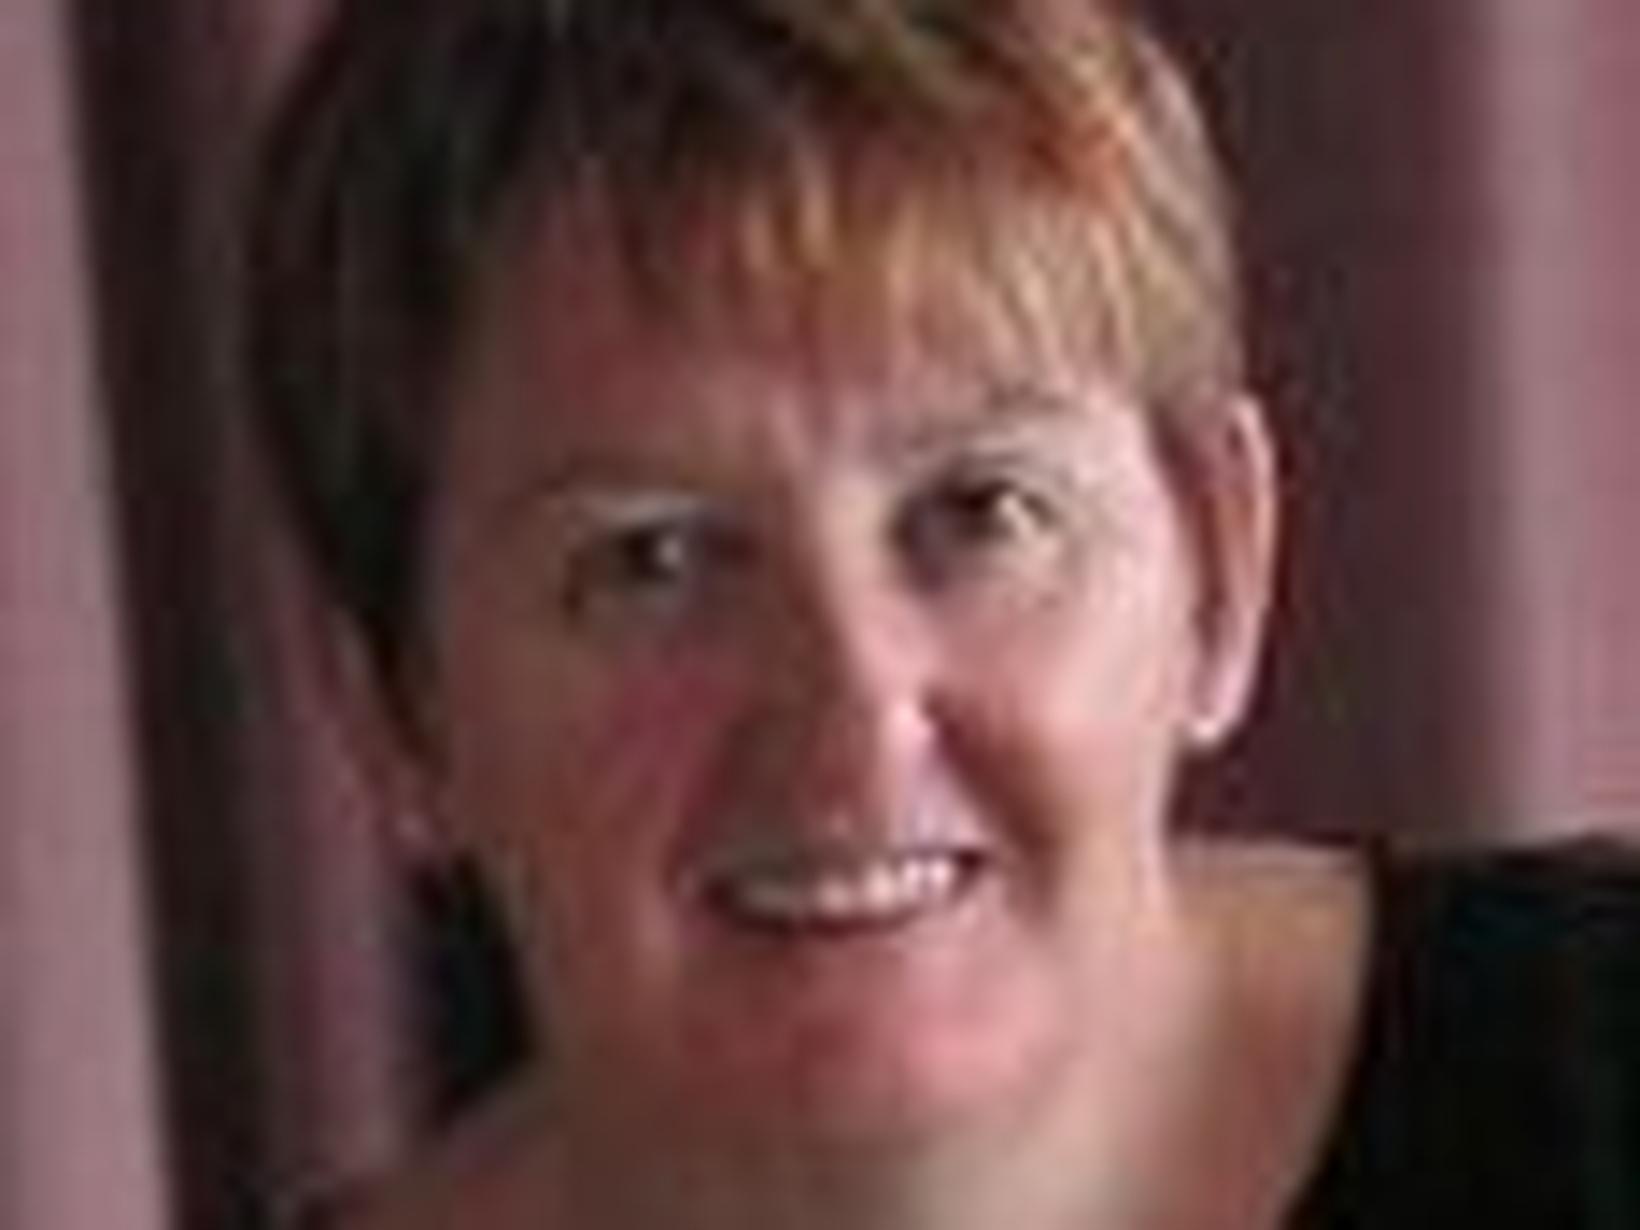 Gaewyne from Canberra, Australian Capital Territory, Australia